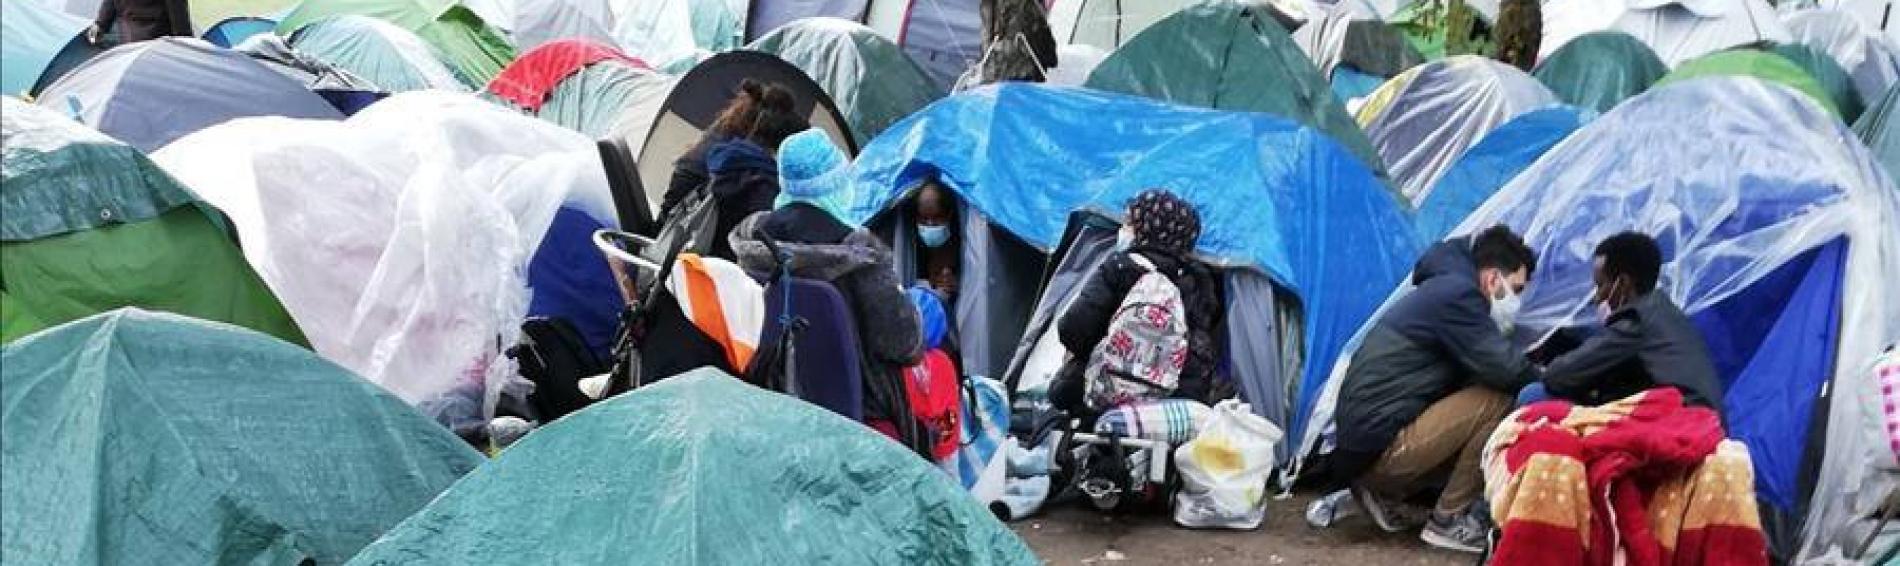 Seit 5 Jahren vollzieht sich im Nordosten von Paris eine Teufelsspirale: Es werden Lager errichtet und von der Polizei zerstört. Das Ende eines jeden Zyklus hat für die Bewohner*innen eine Gemeinsamkeit: dem Fehlen eines Zeltes als Unterkunft.